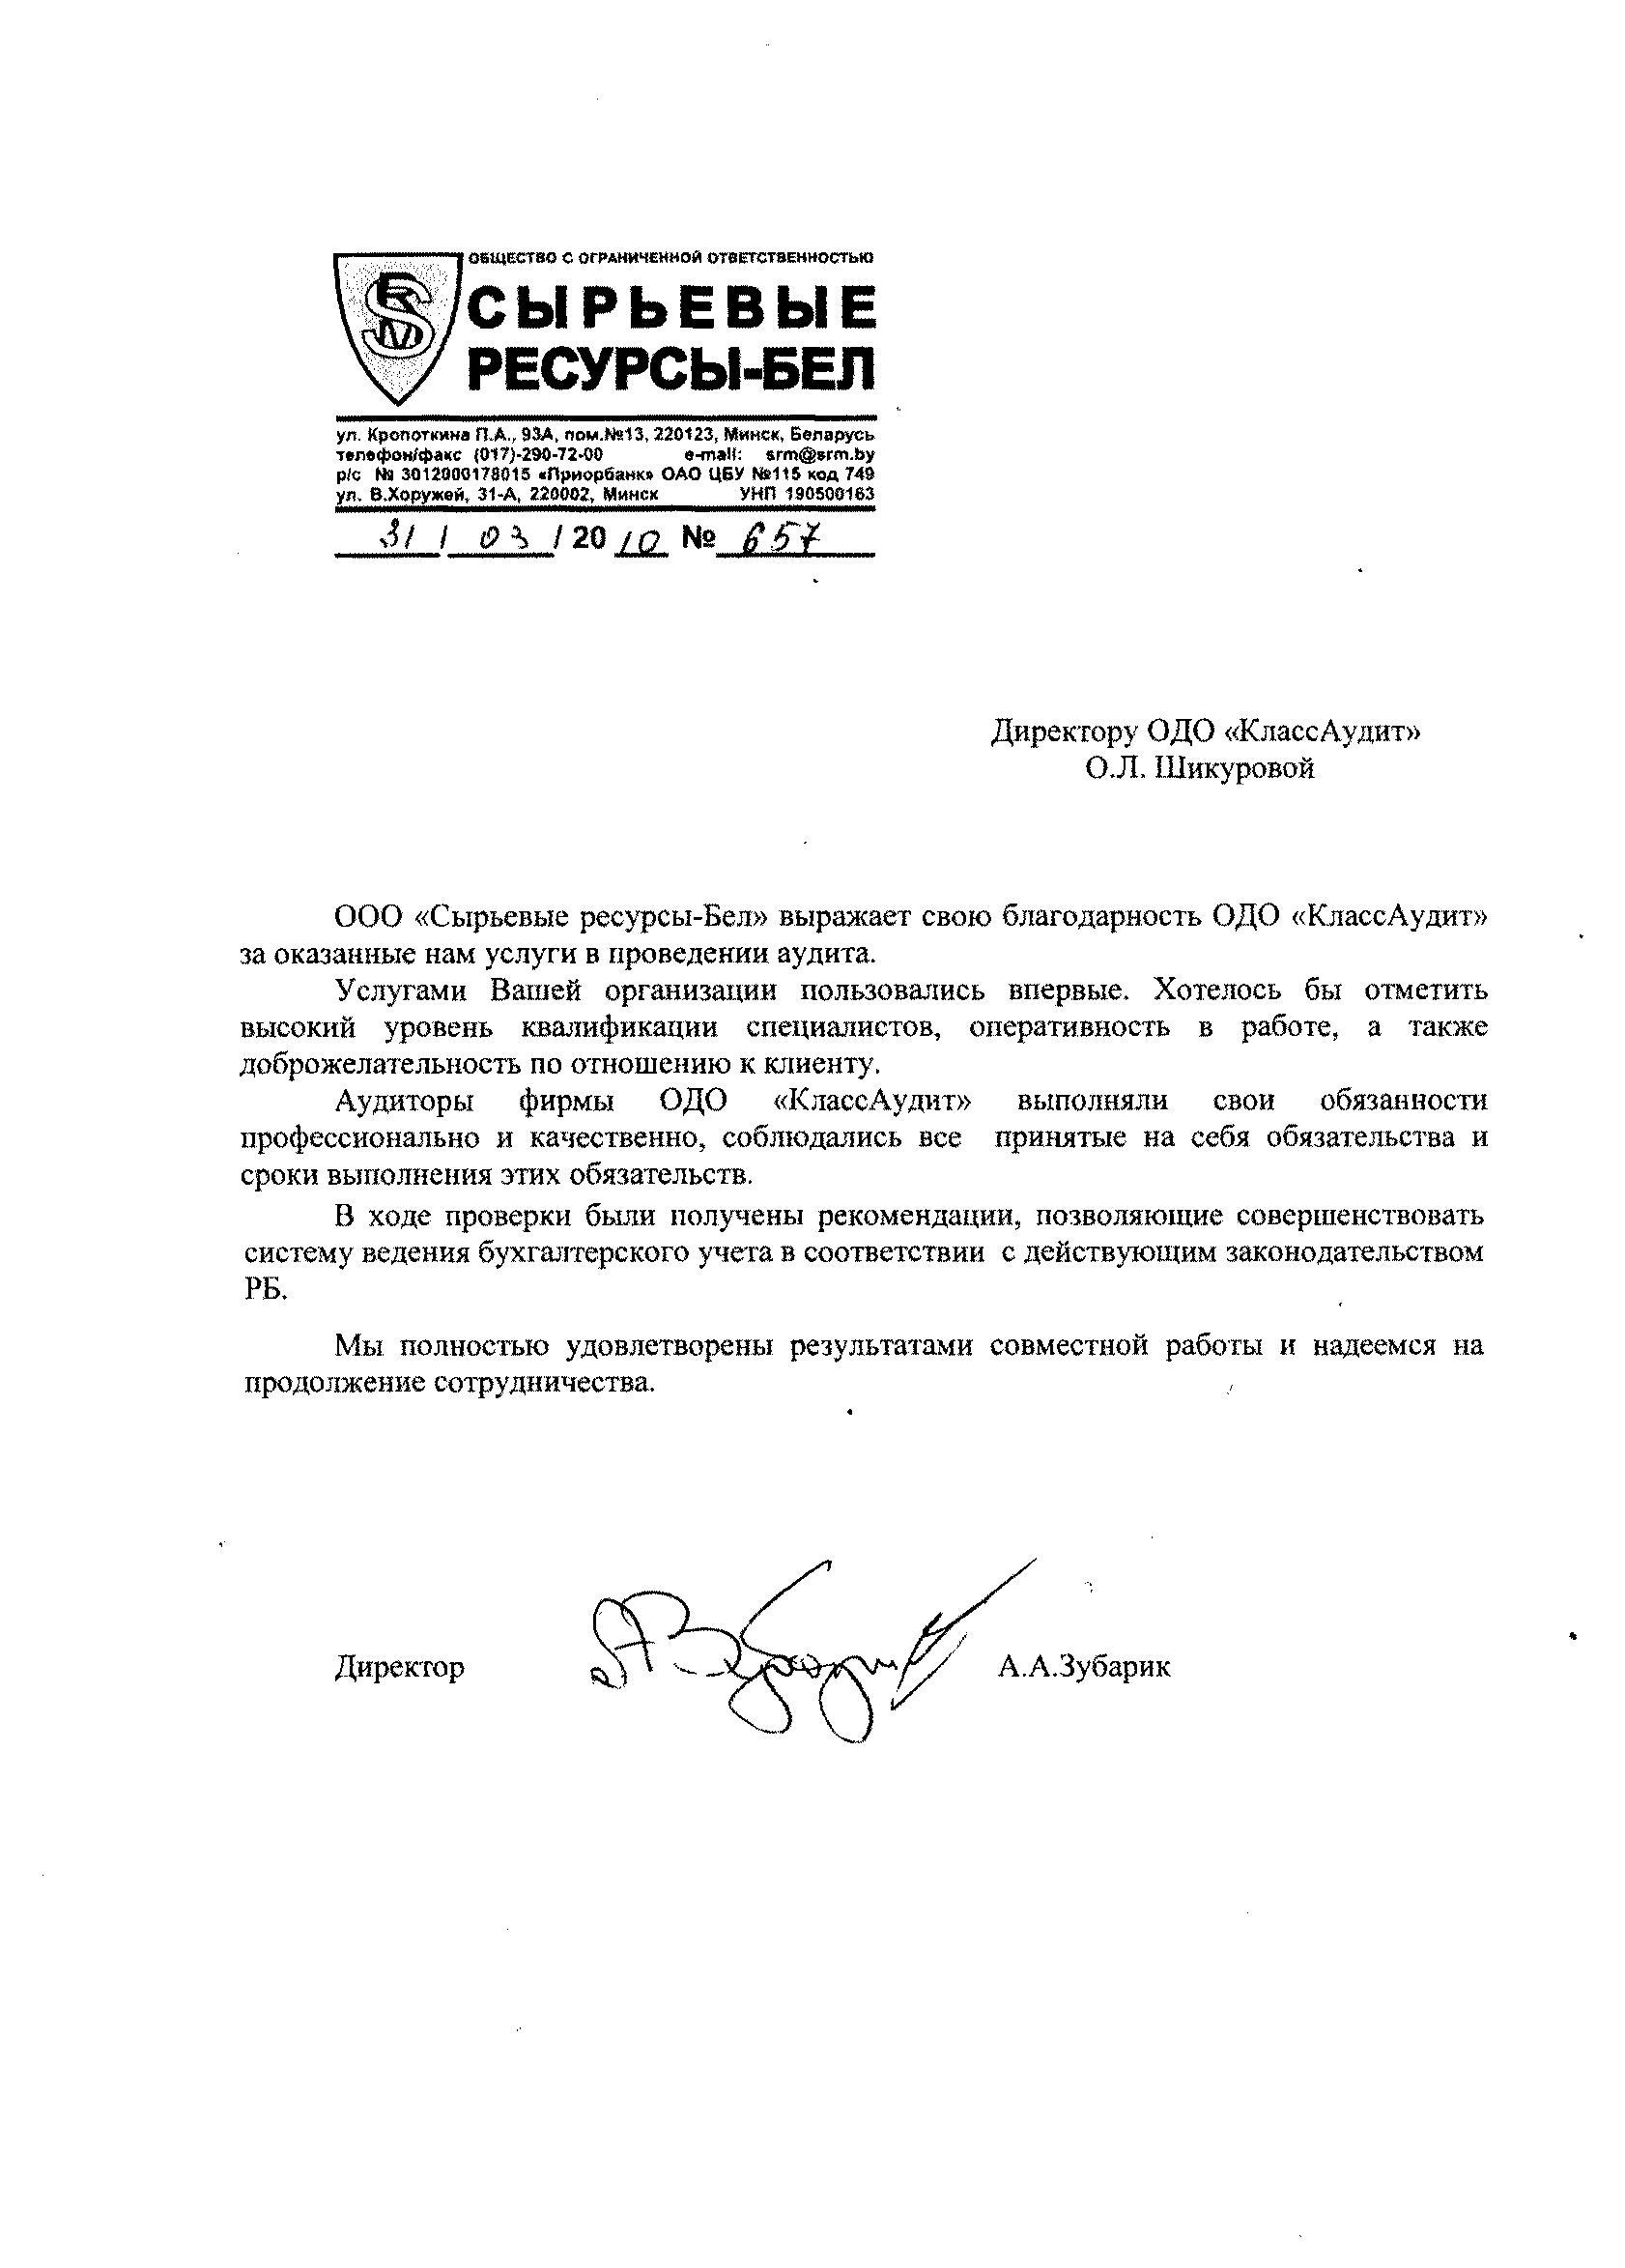 ООО «СЫРЬЕВЫЕ РЕСУРСЫ-БЕЛ»